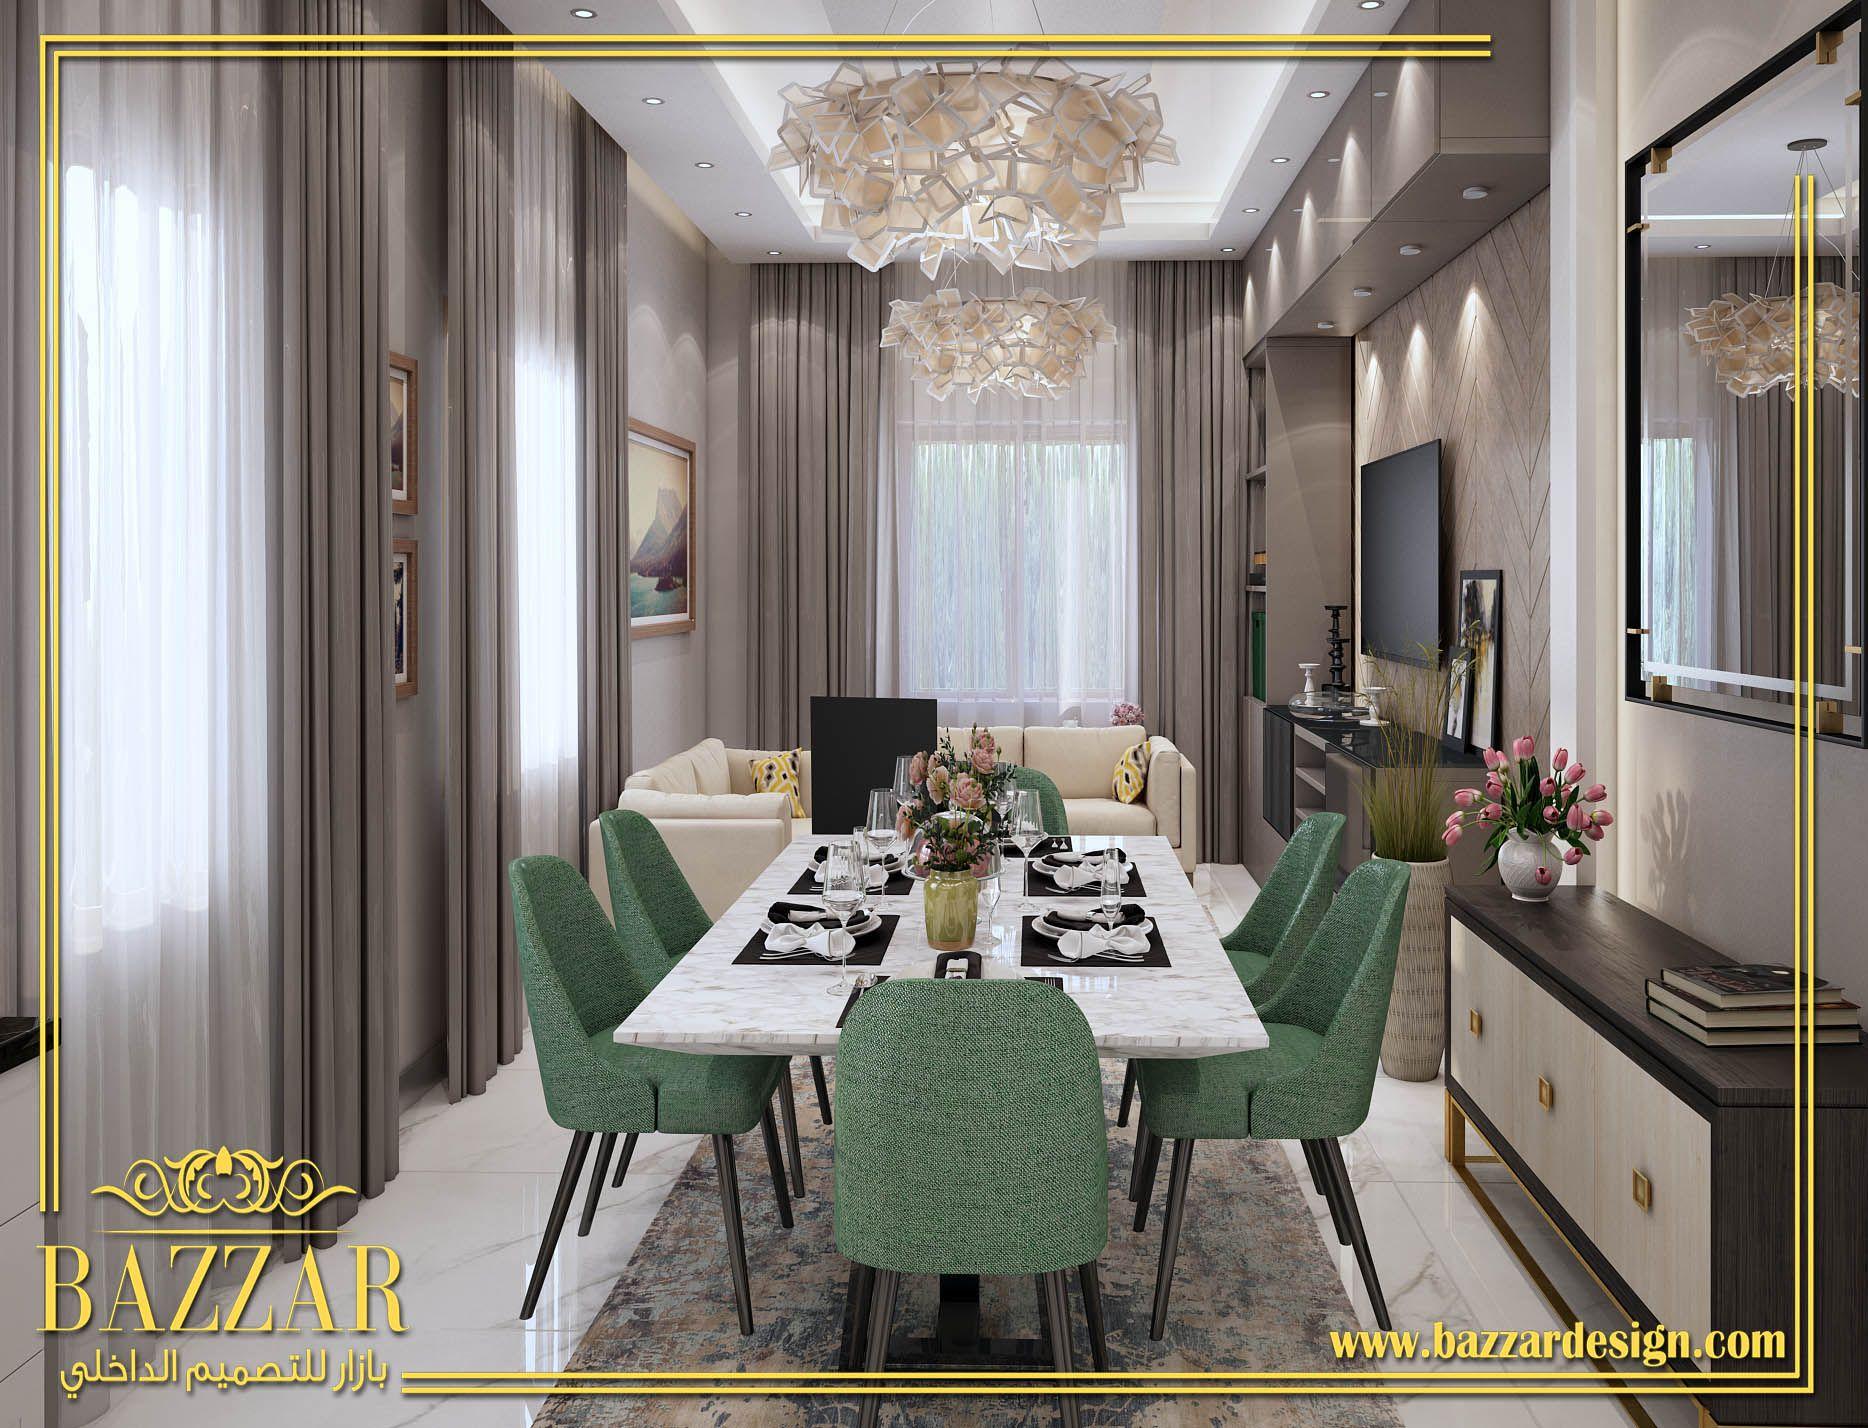 تصميم غرفه طعام مودرن بدرجات اللون البيج وتصميم سقف بسيط واختيار اللون الاخضر للسفره هو اختيار مختلف وجرئ مما اعطى للتصميم روح فن Dinning Room Design Room Home